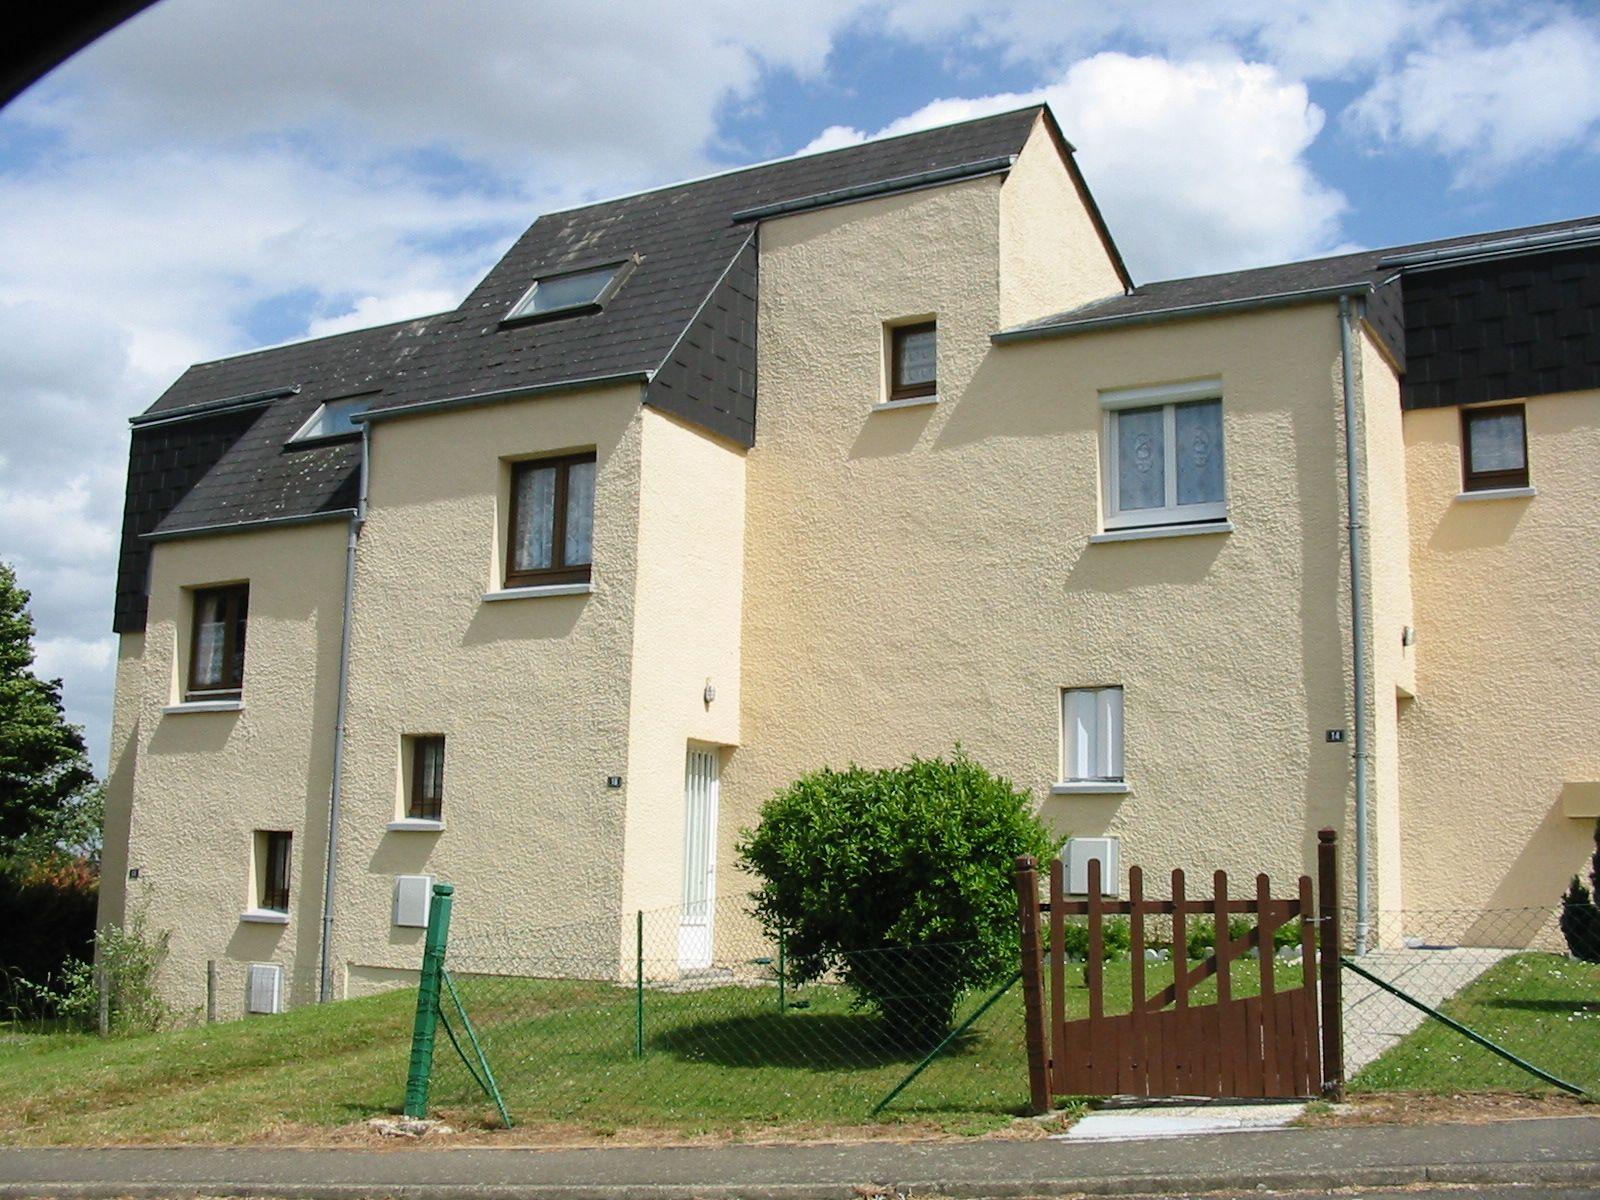 Logement saint germain du corbeis locataion maison t5 for Entretien exterieur locataire